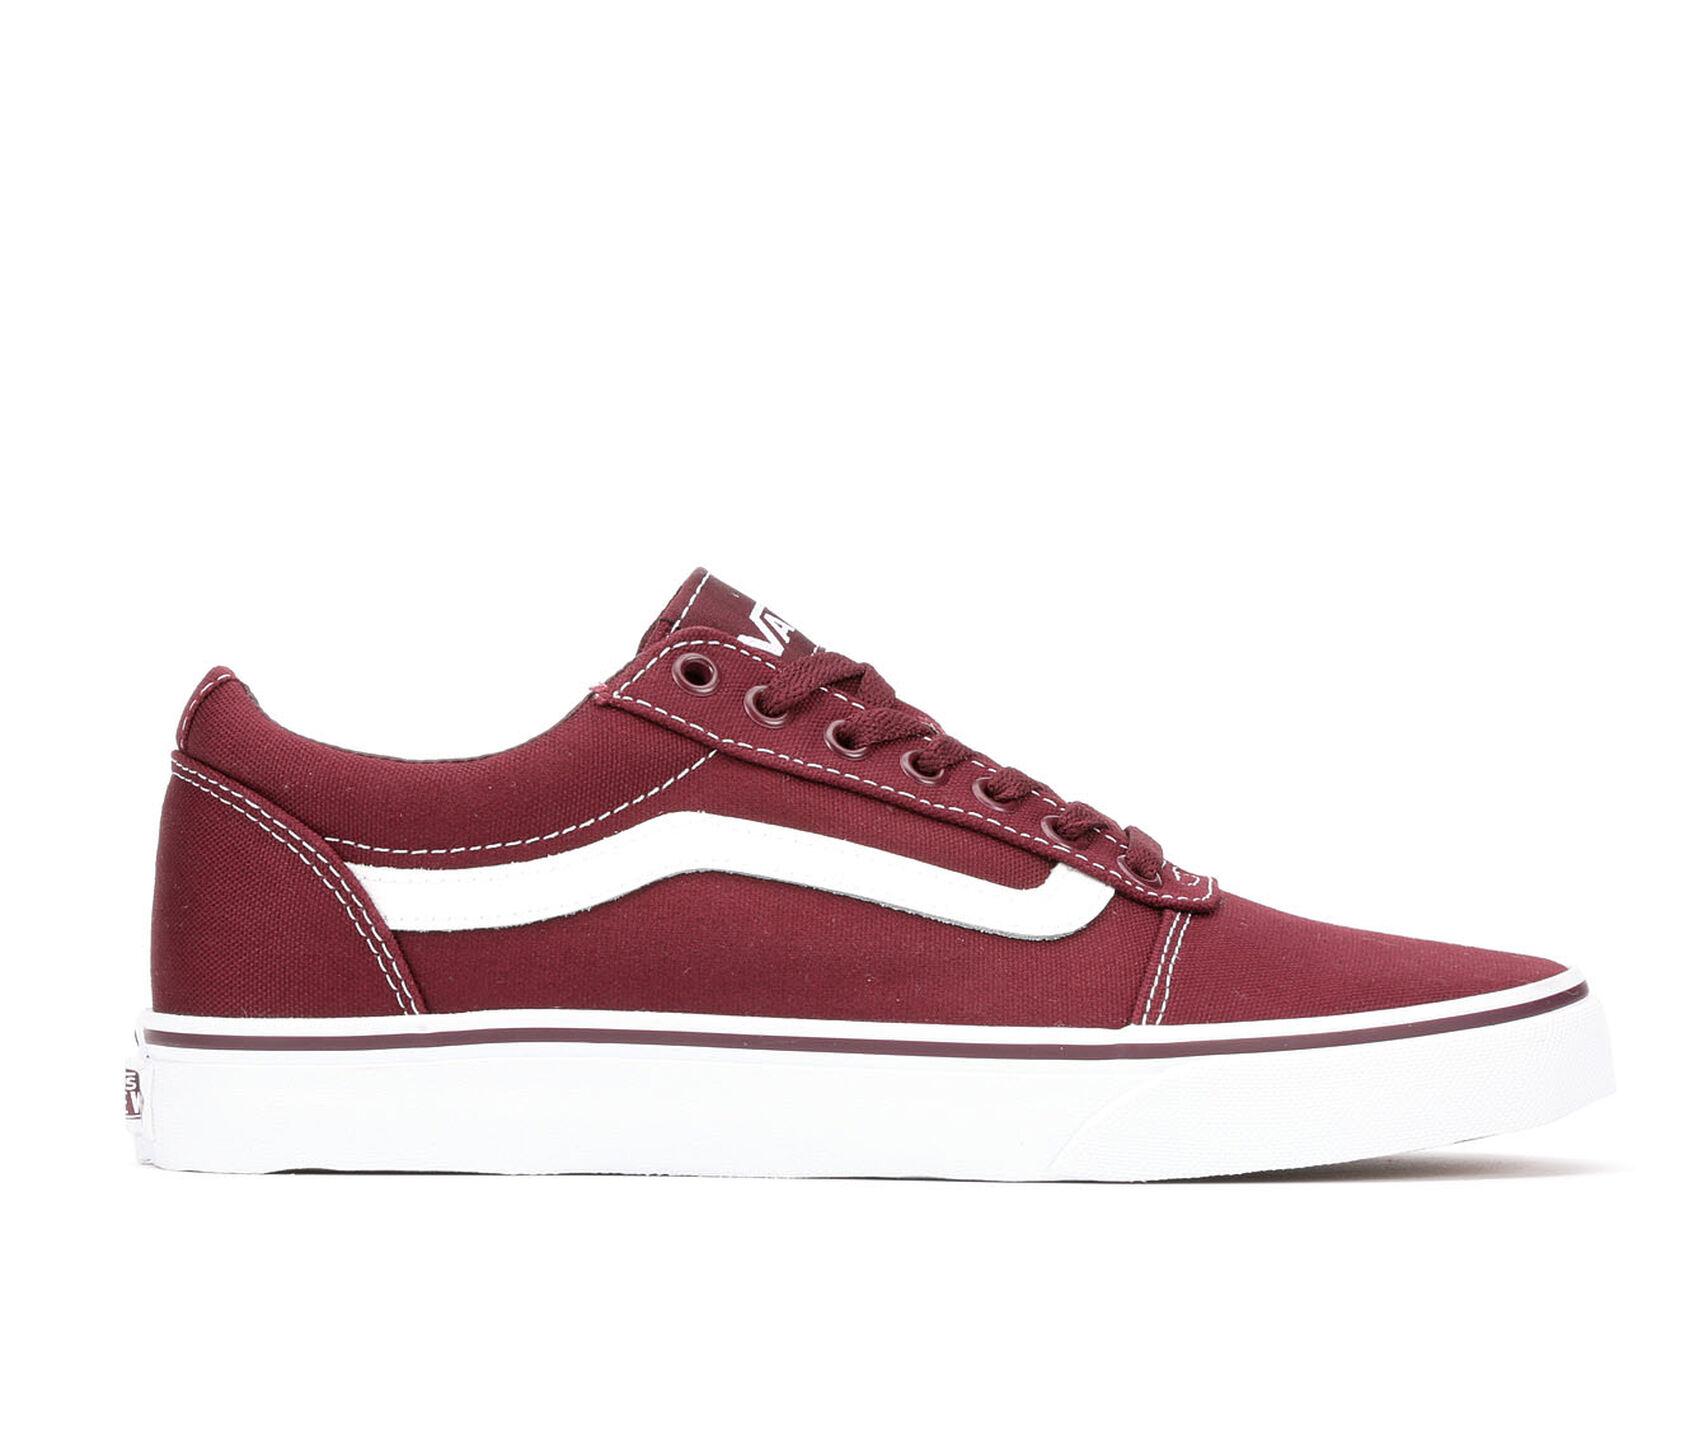 8e5f4c1e0af Men s Vans Ward Skate Shoes